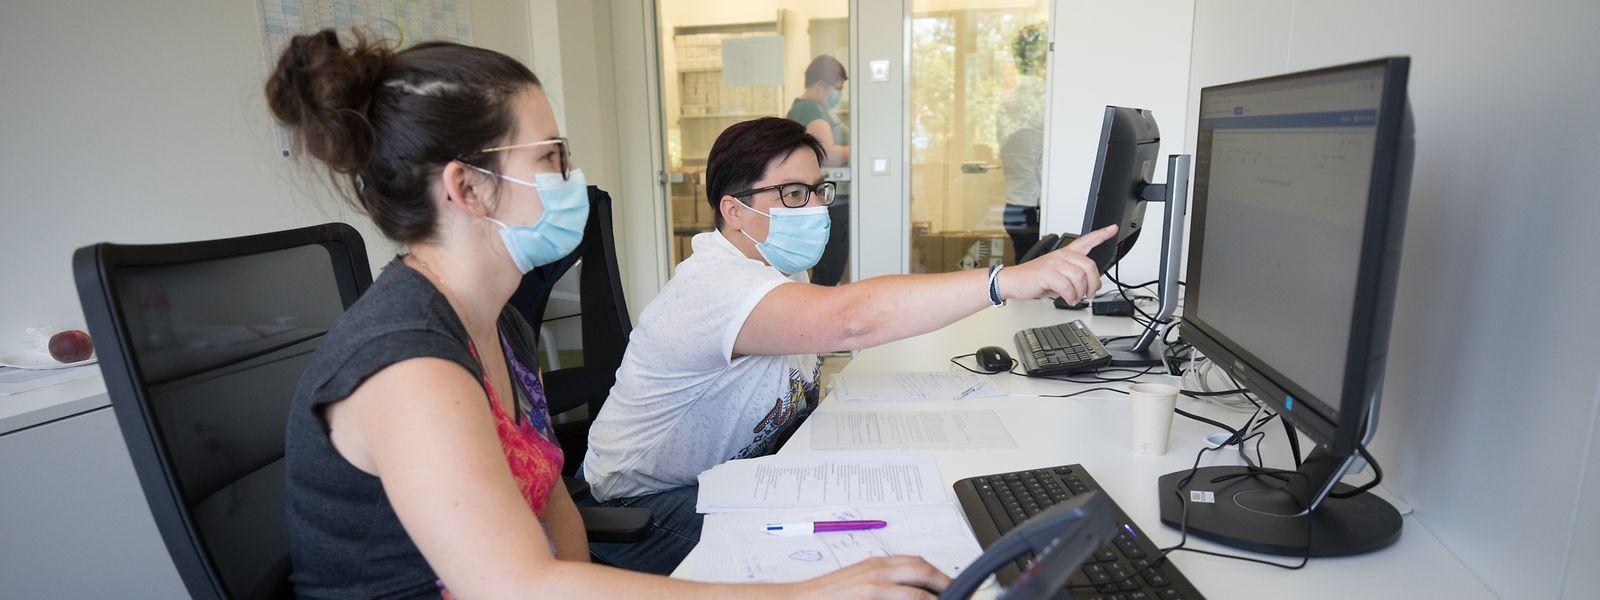 Über 4.000 Anrufe werden vom Sitz der Sanitärinspektion in Hamm pro Woche getätigt.